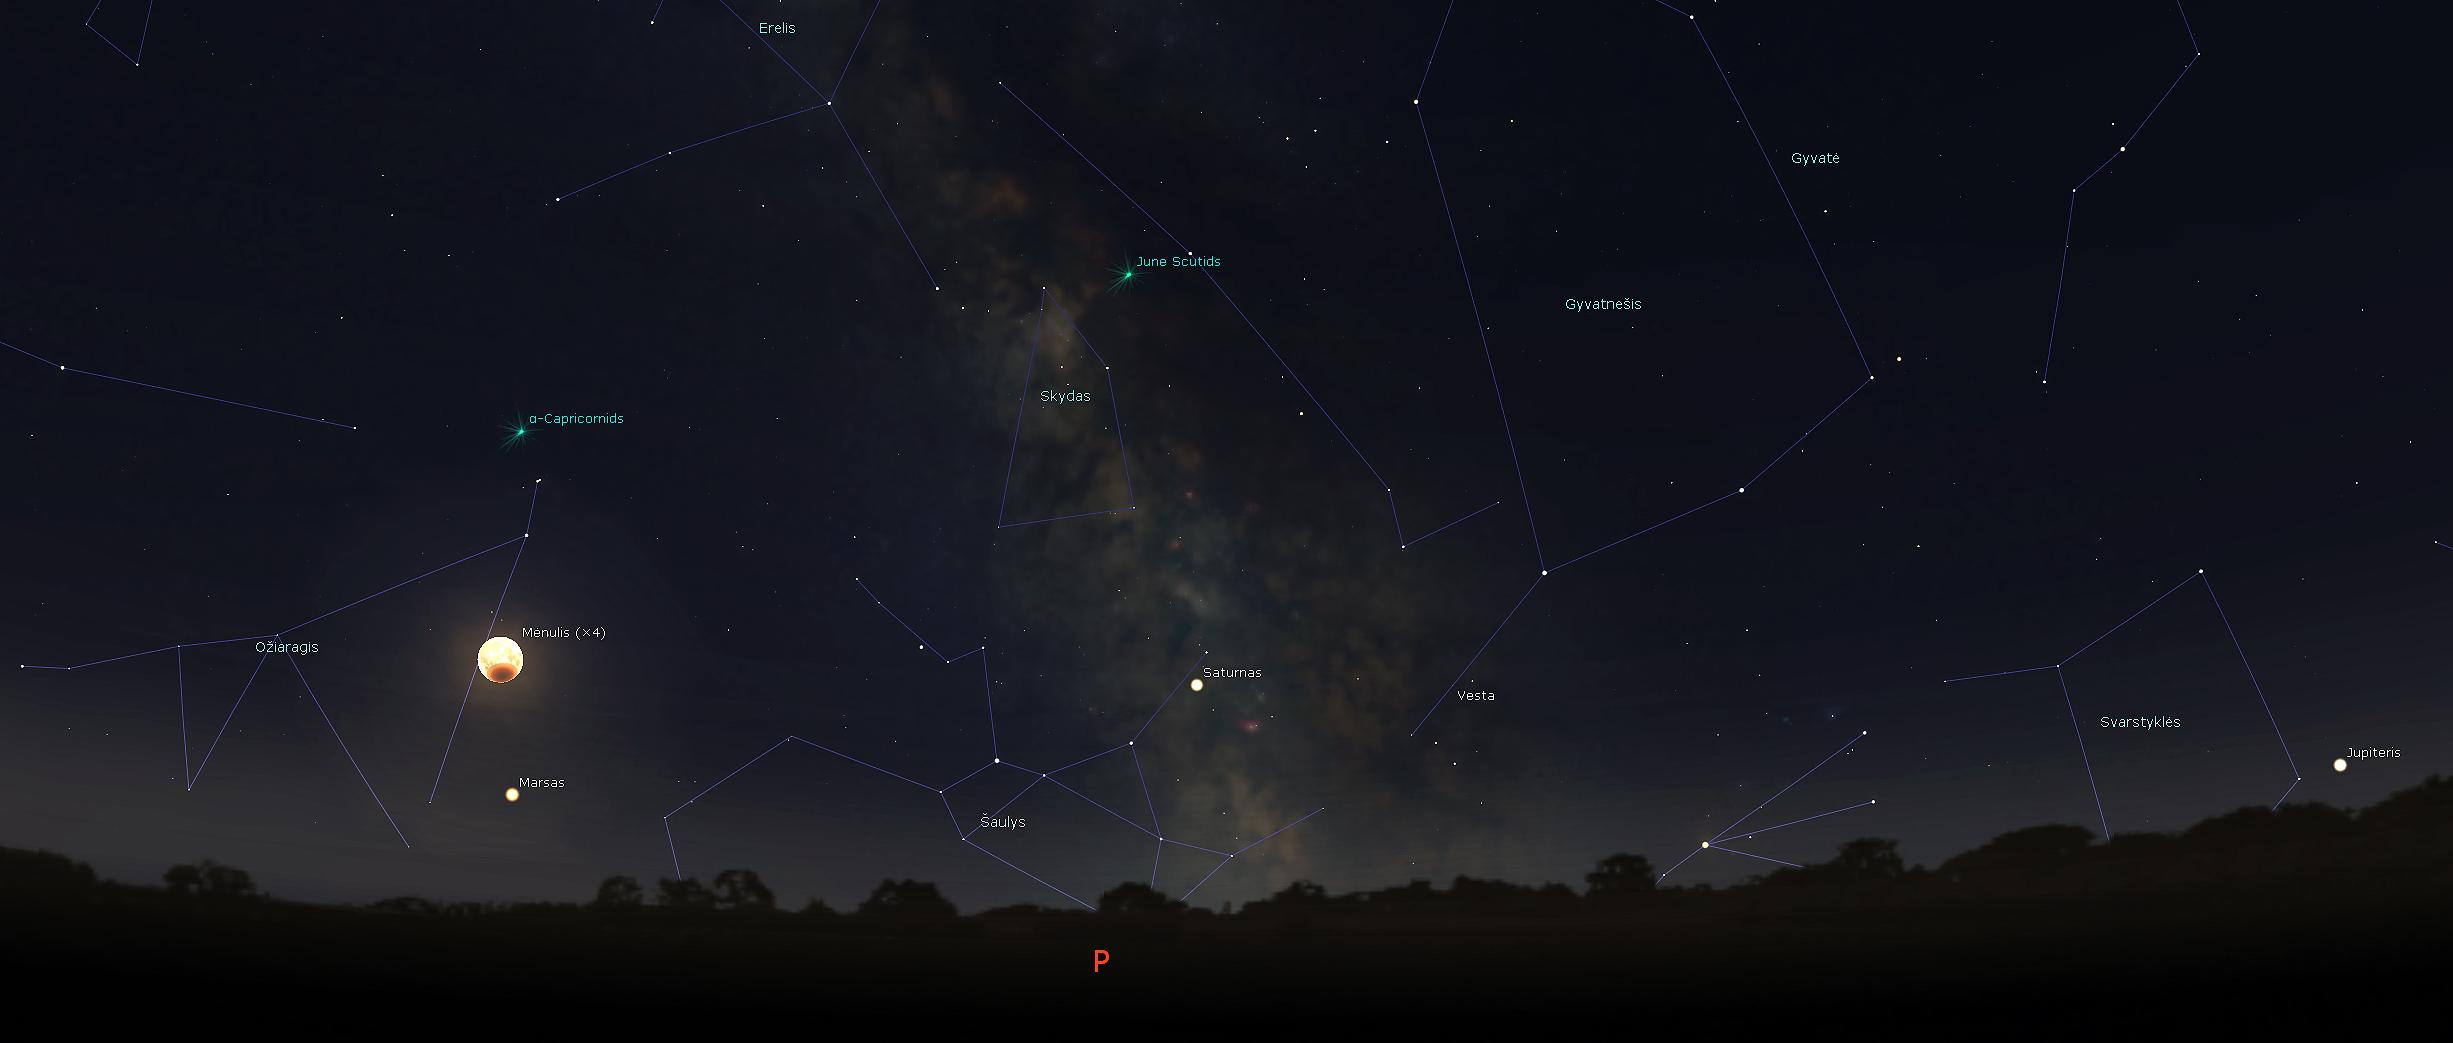 Betemstantis Mėnulis, Marsas pasiekęs didžiąją opoziciją, Saturnas ir Jupiteris, 2018-07-27 d. 23.30 val. | J. Vaiškūno pav.